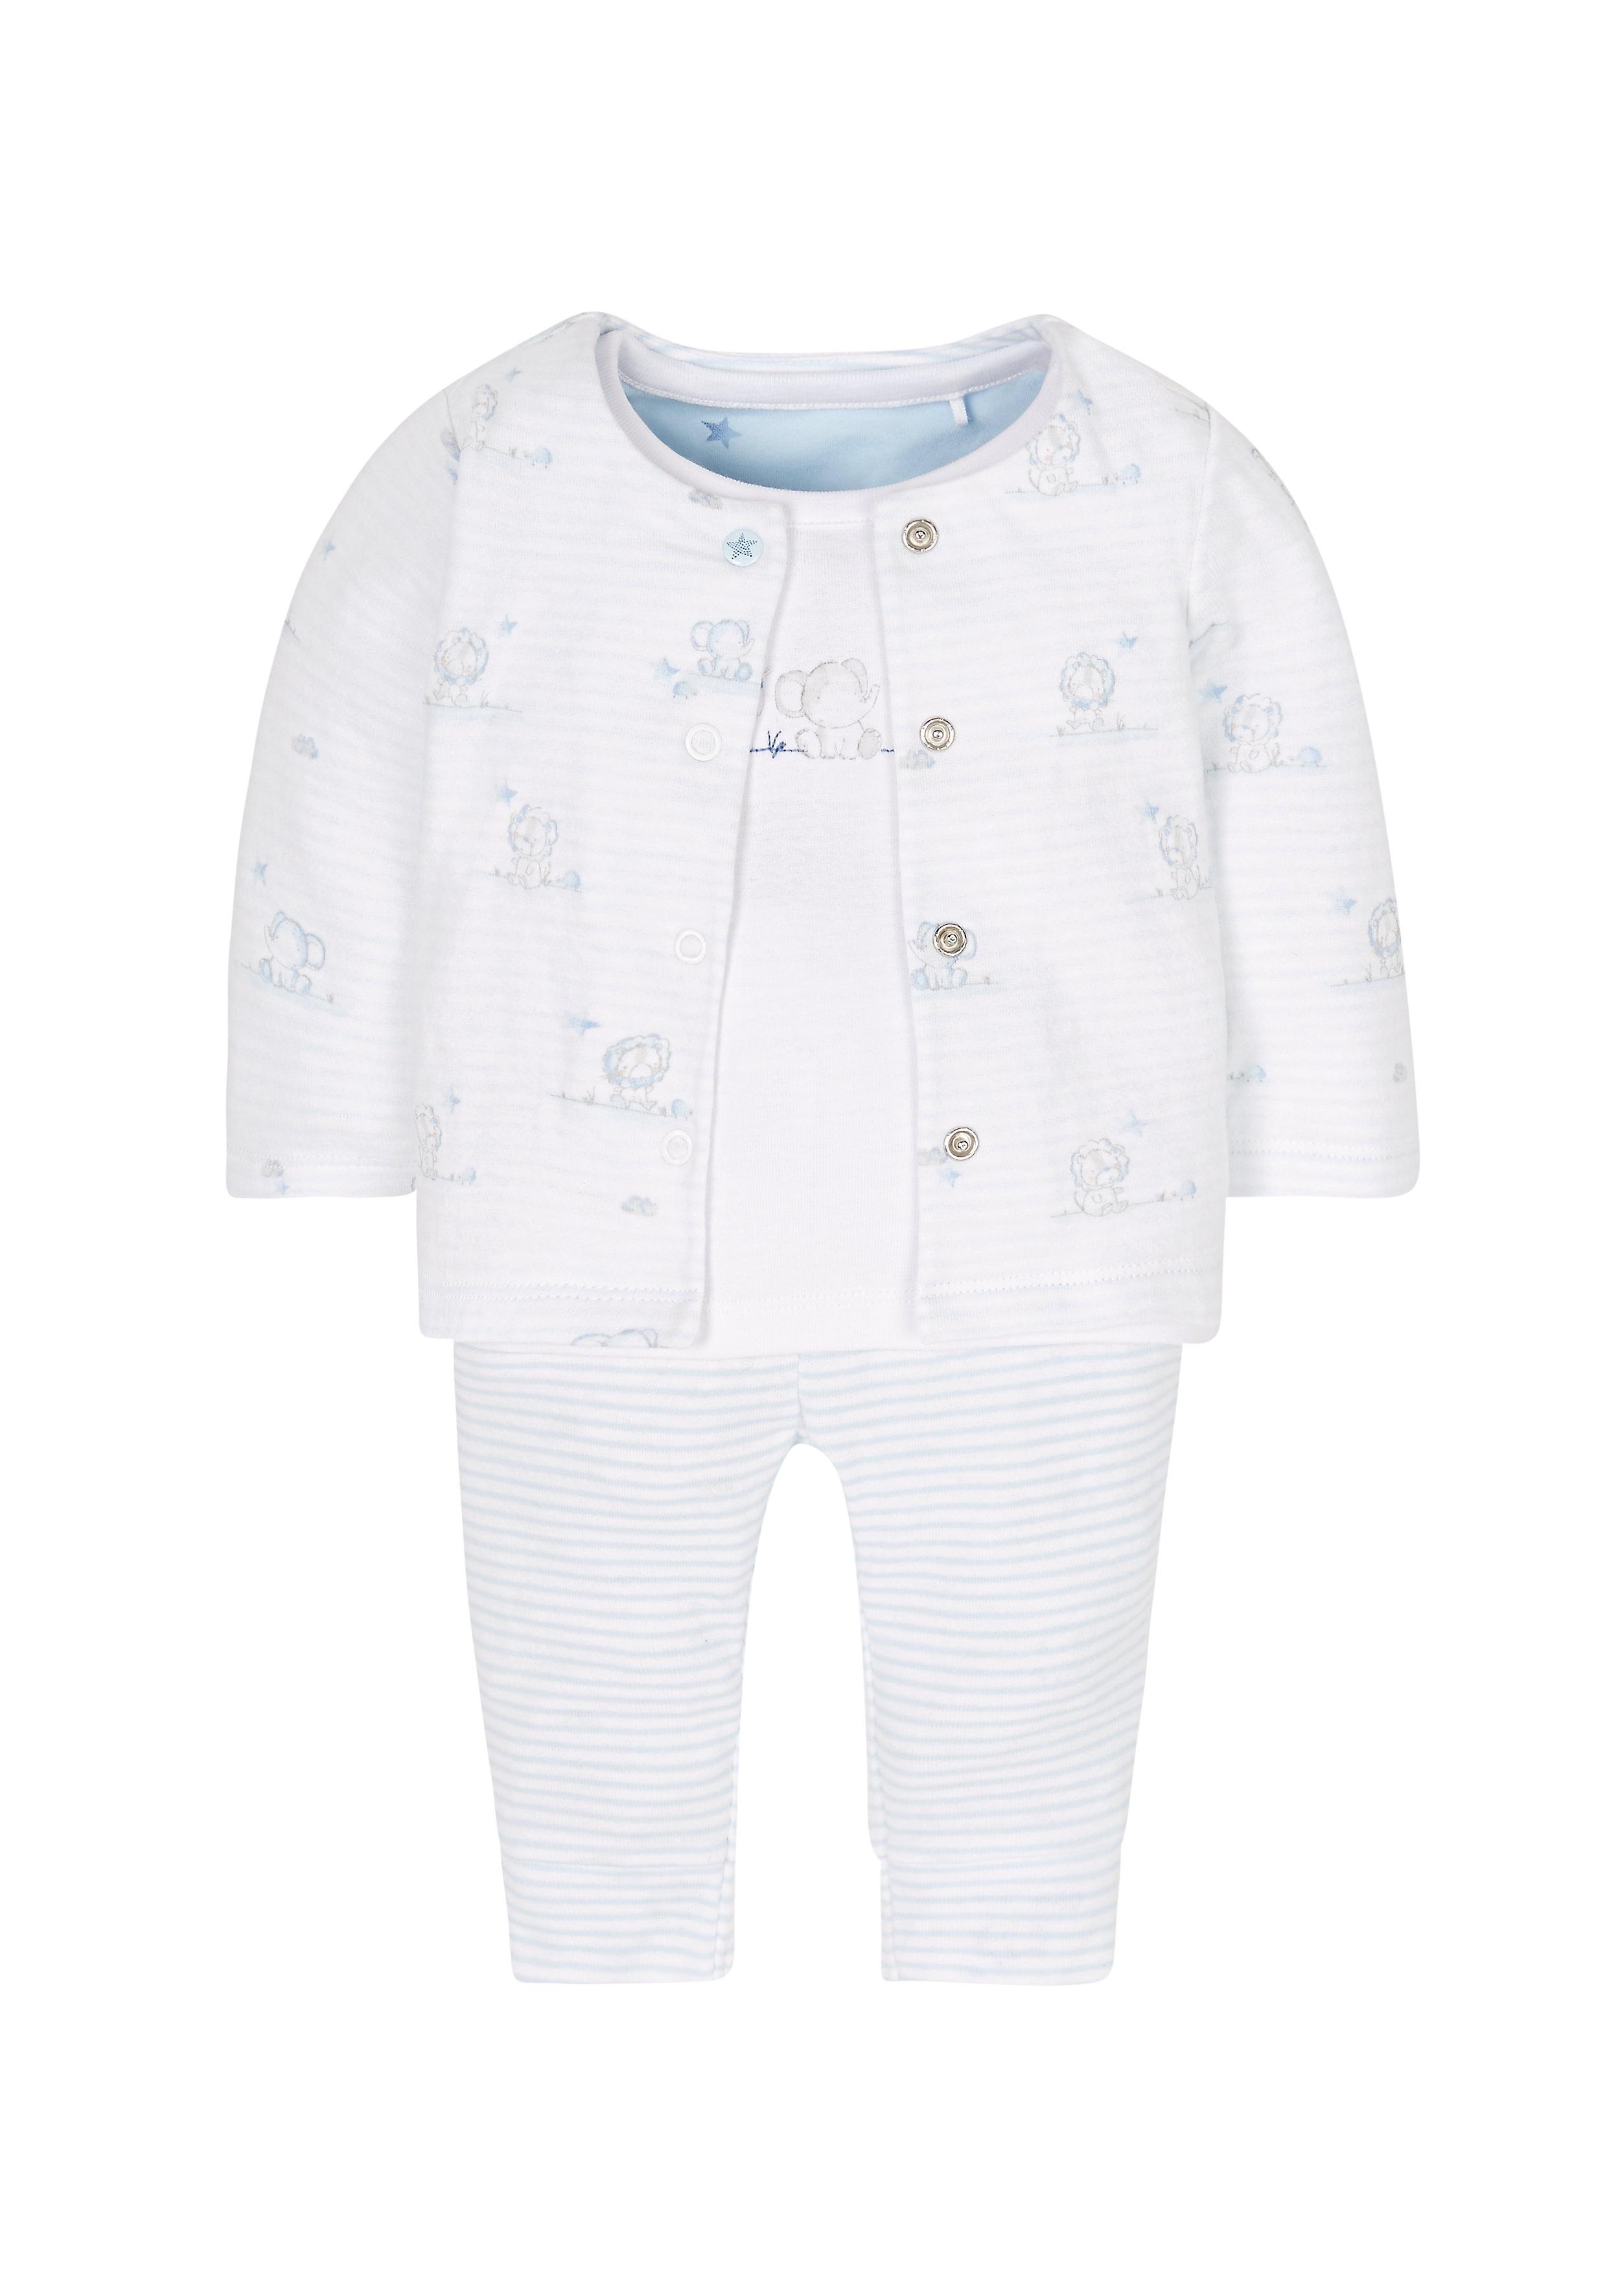 Mothercare | Boys Little Lion 3 Piece Gift Set